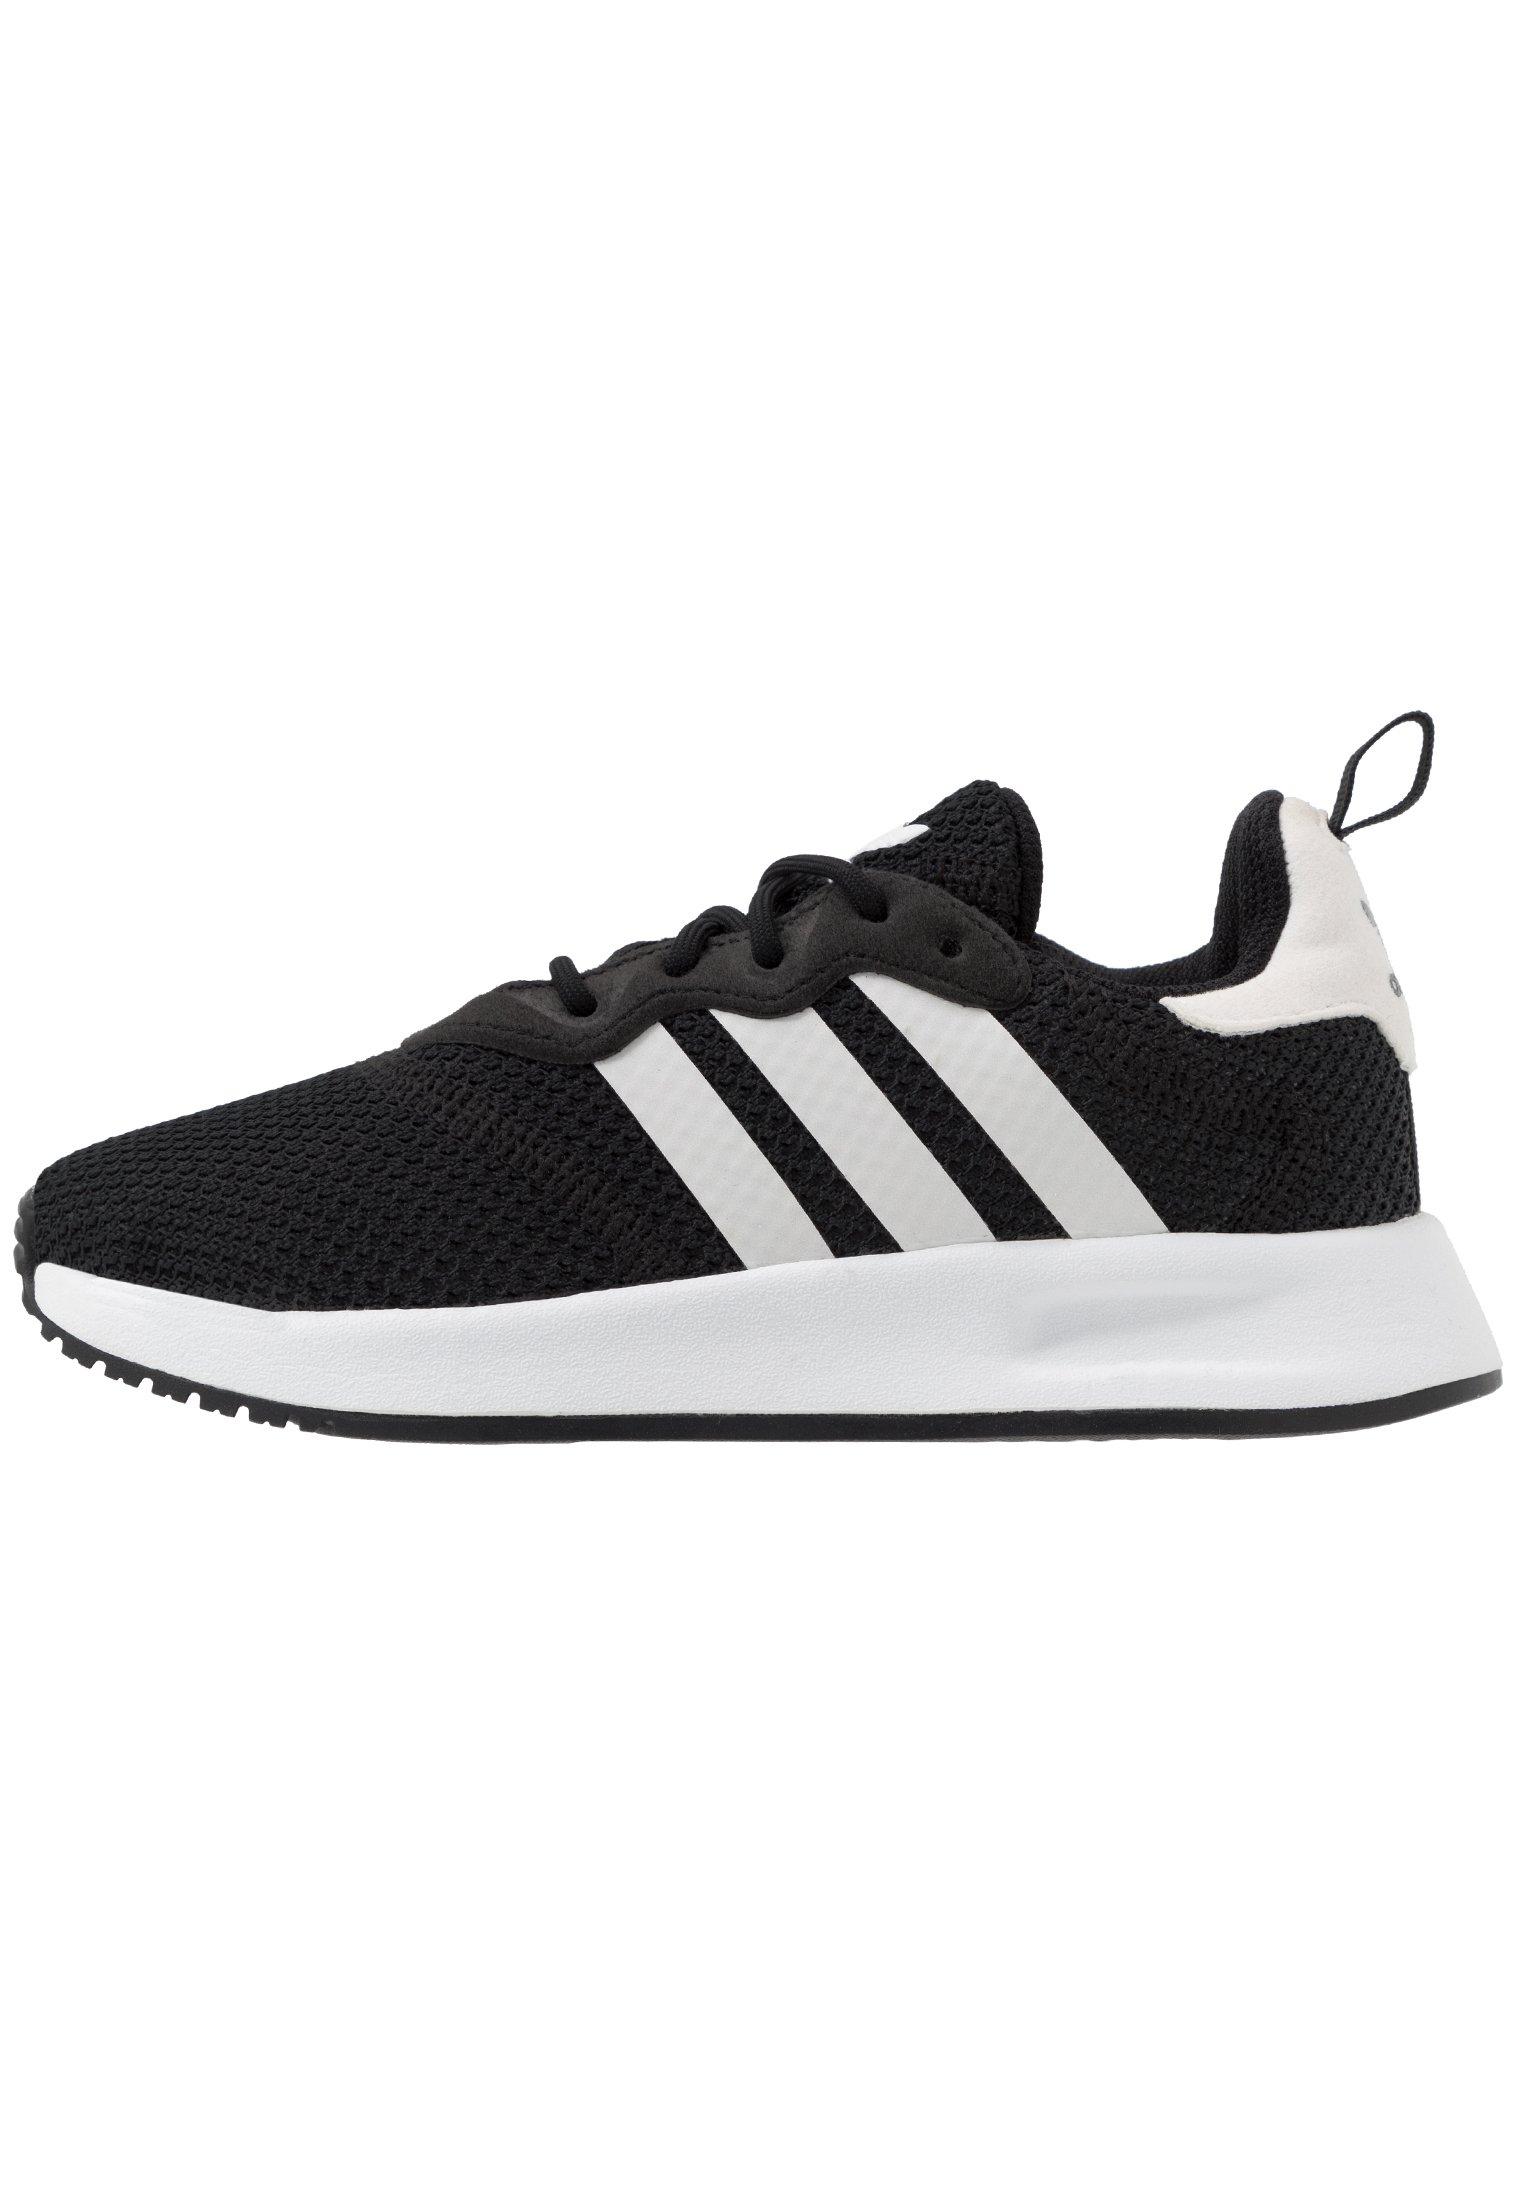 X_PLR Sneakers core blackfootwear white